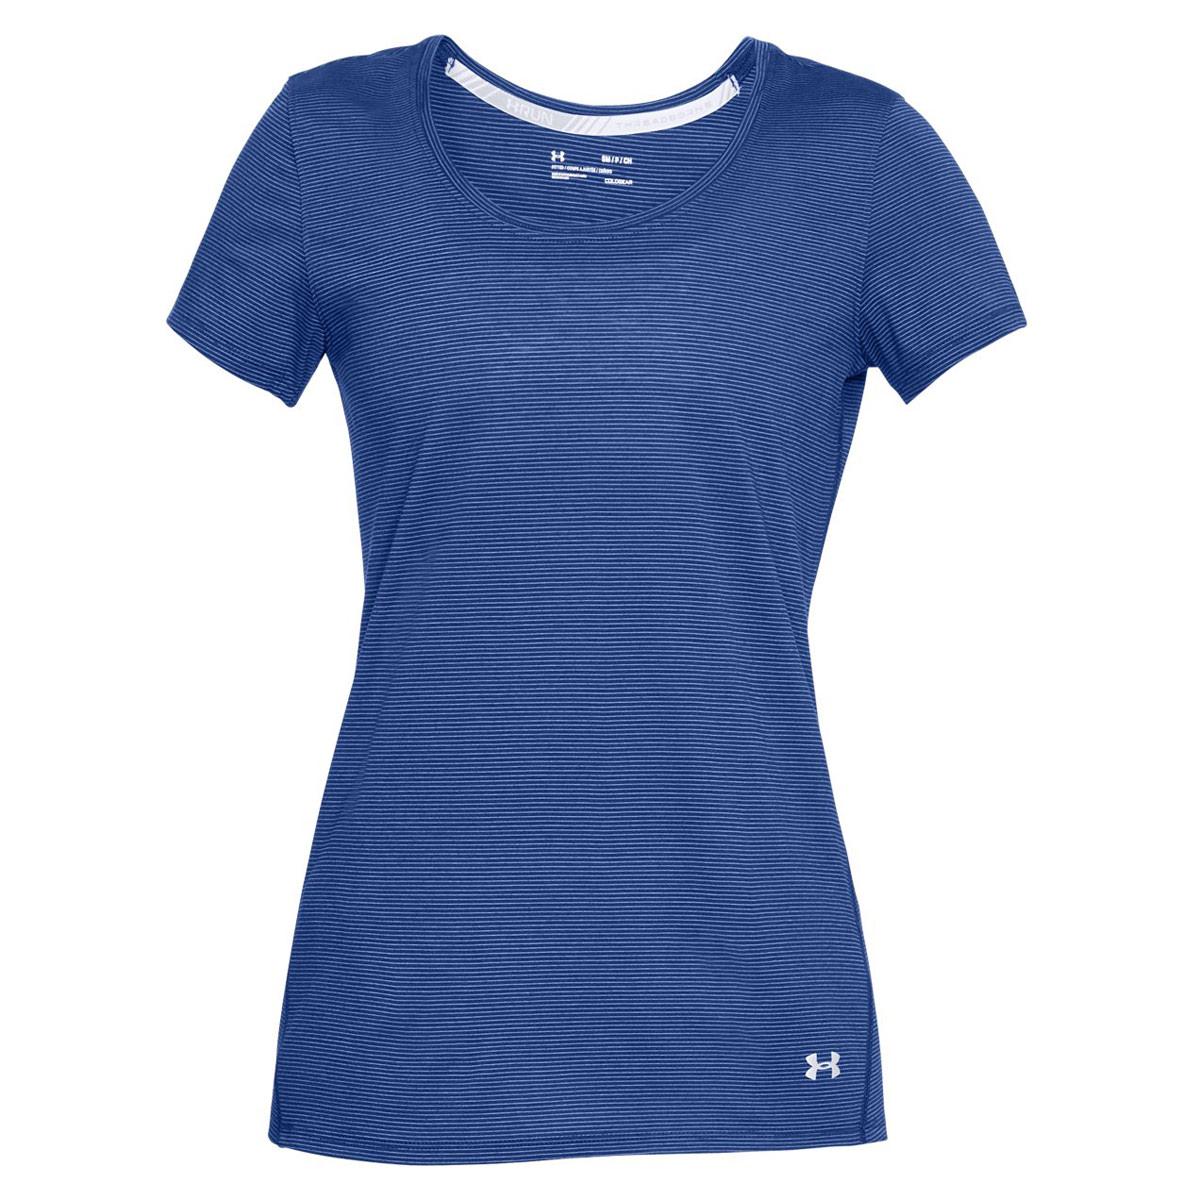 Under Armour Threadborne Streaker Short Sleeve Tee - Running tops for Women  - Blue   21RUN 9ba8746d1d